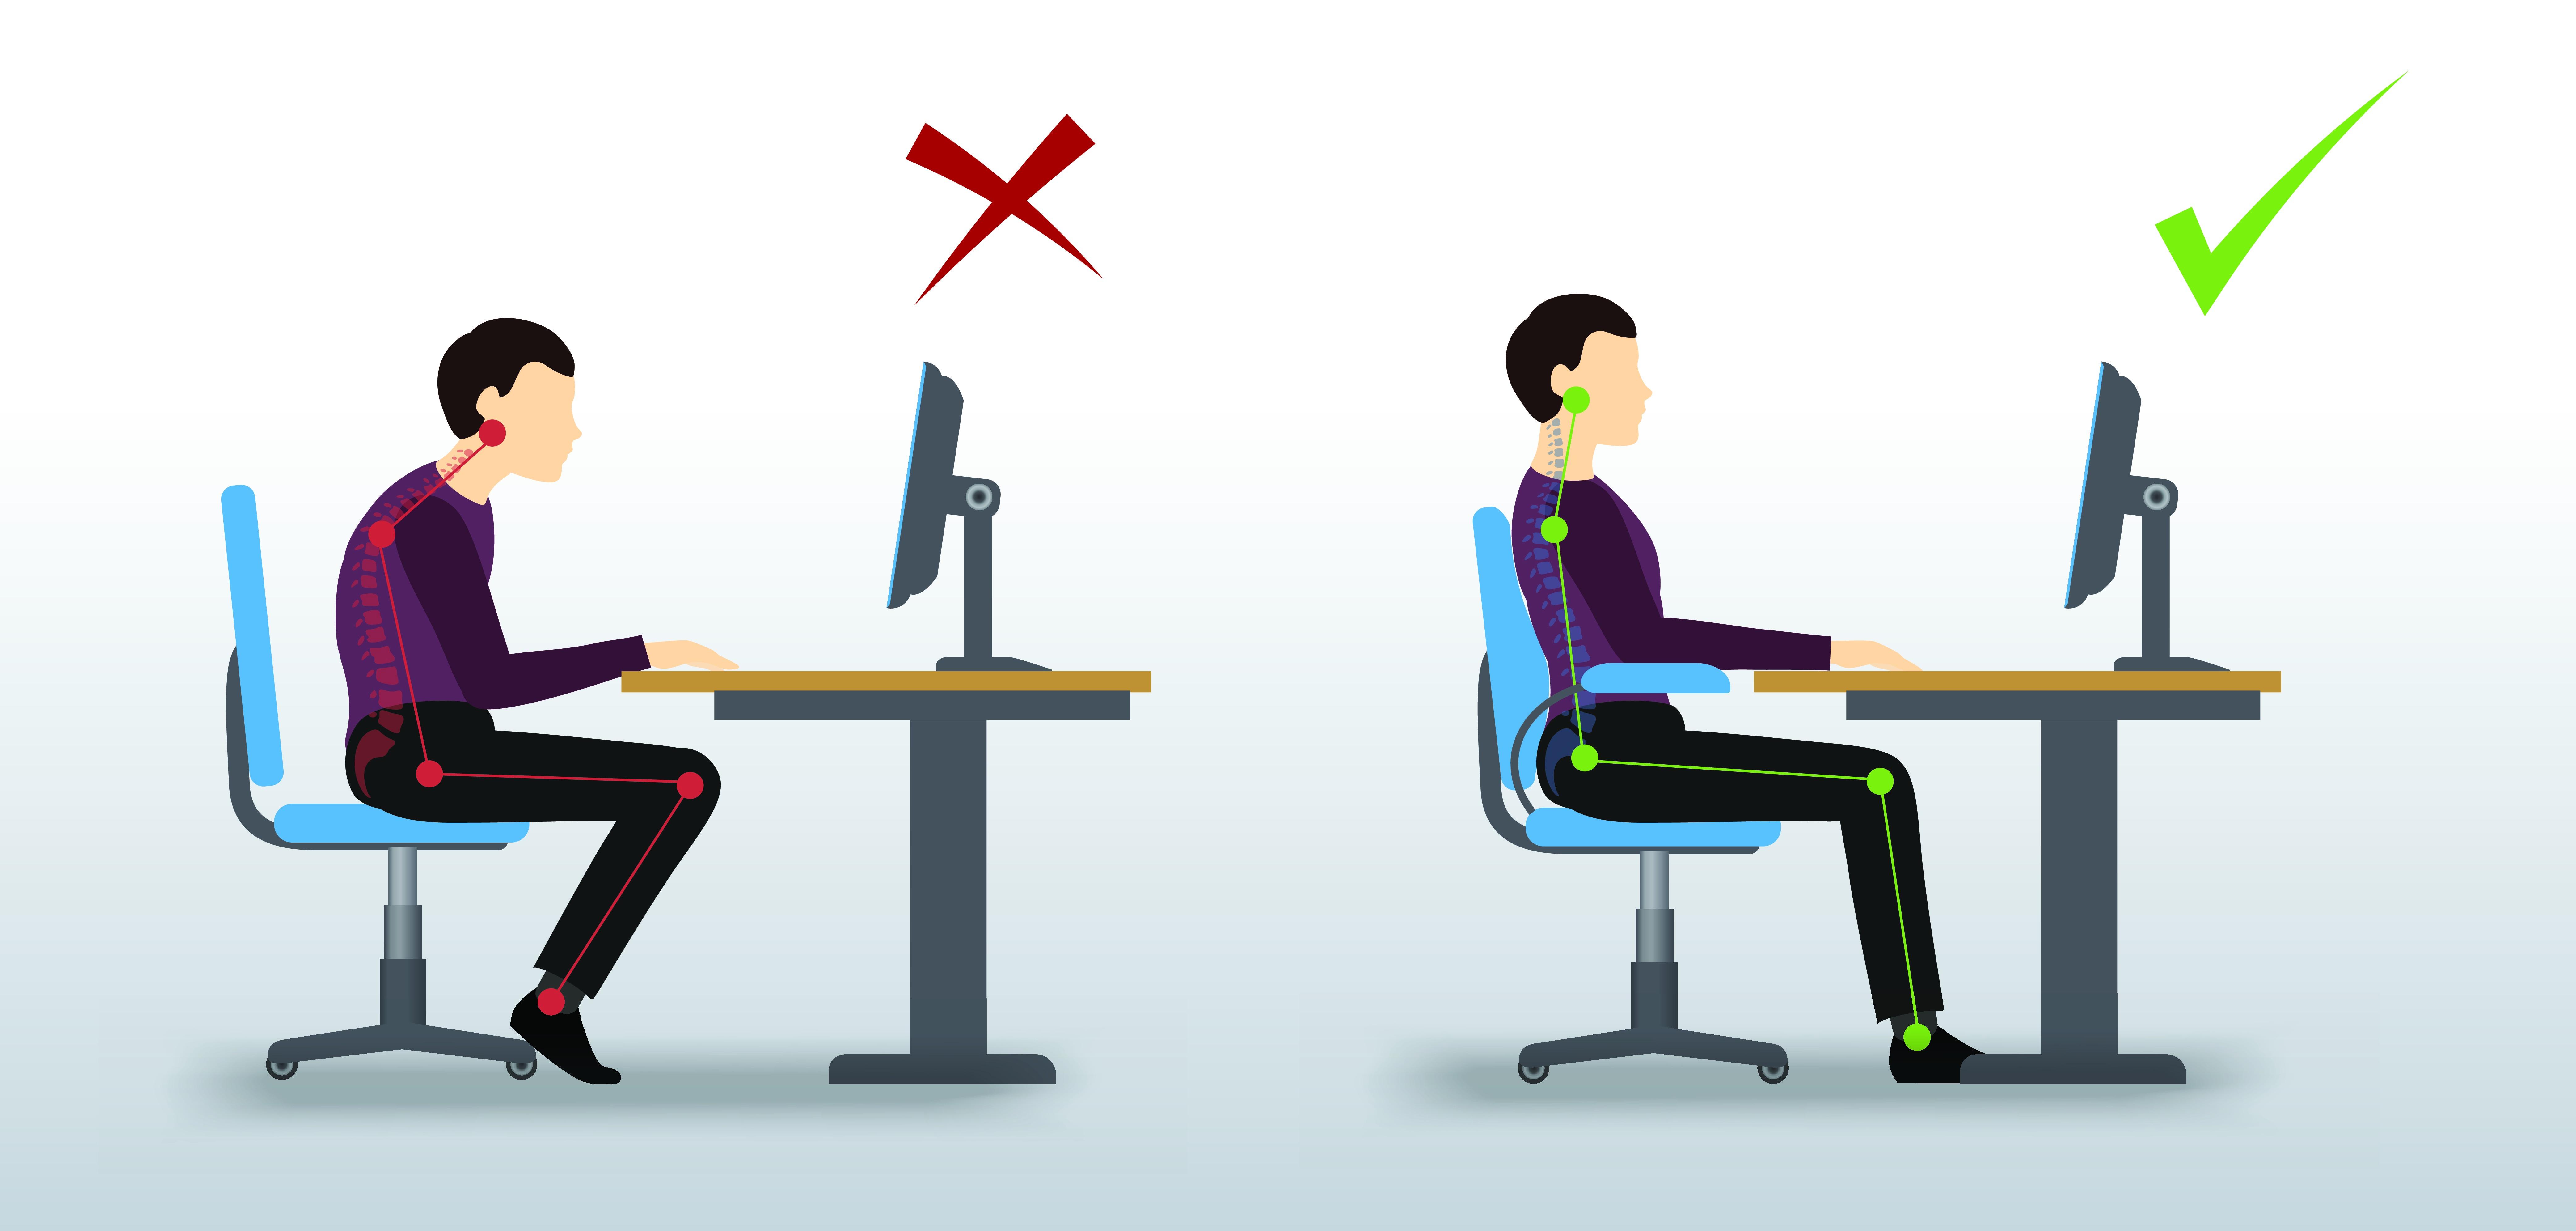 Illustration of bad desk posture and good desk posture.